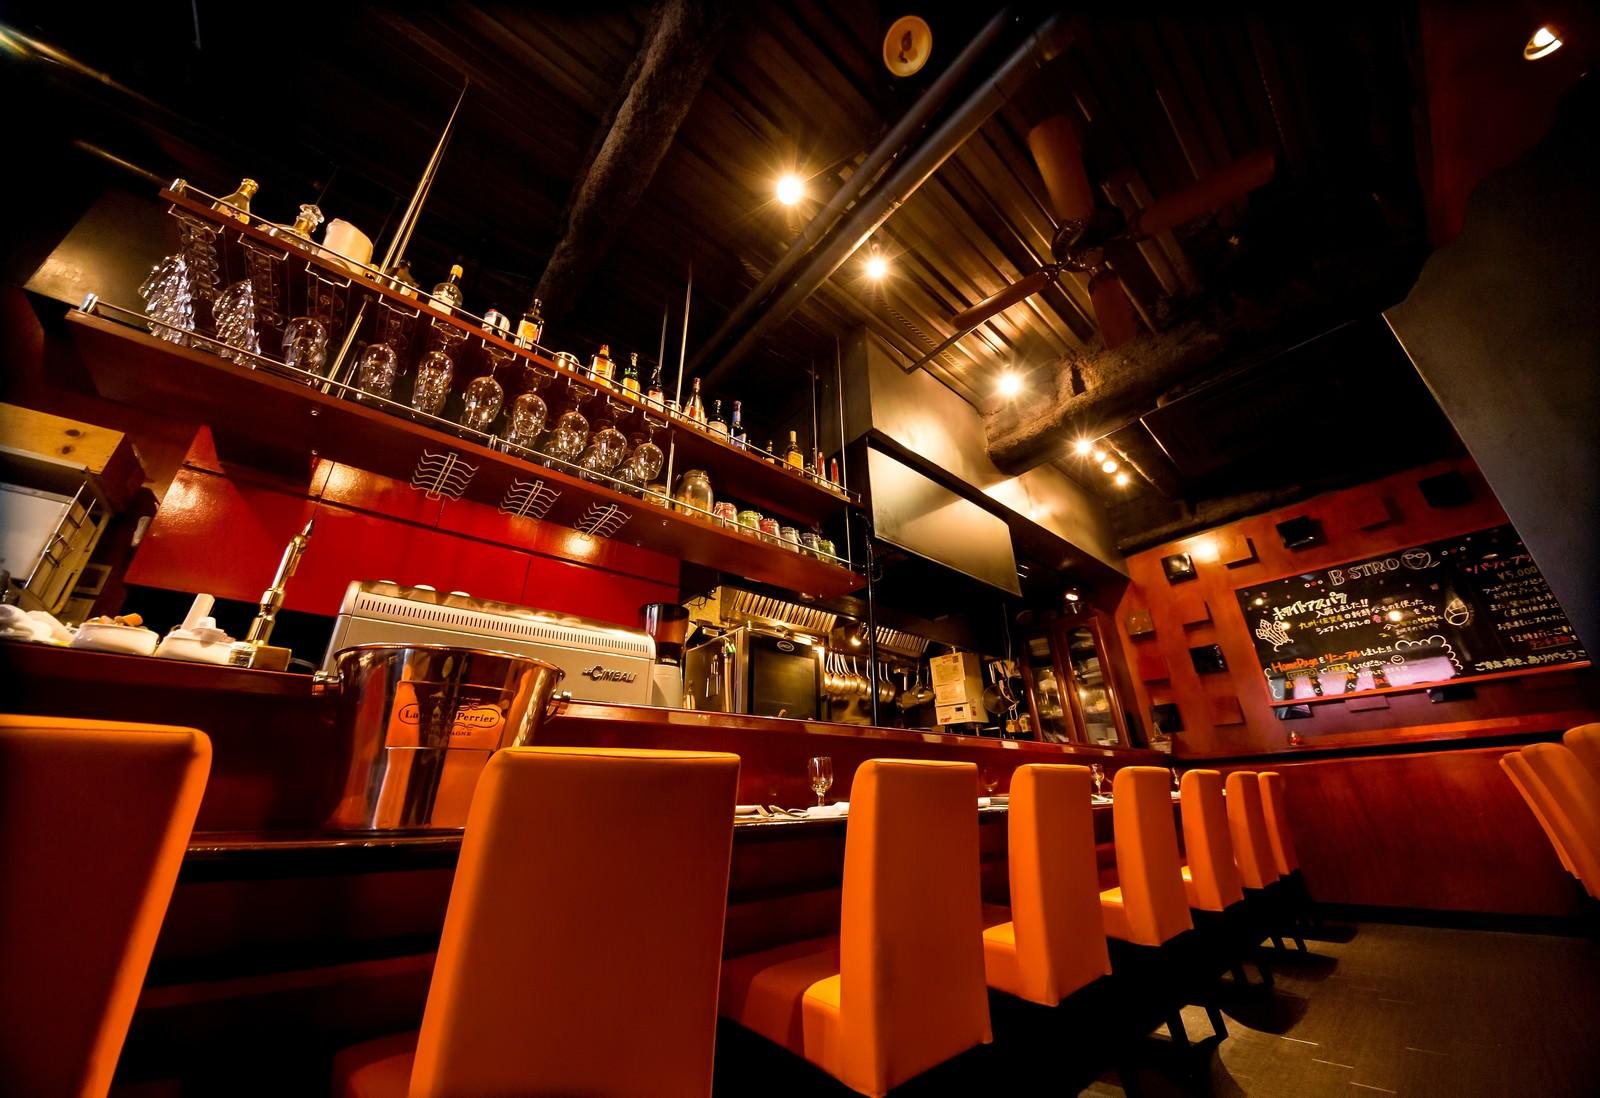 「フレンチレストラン「ビストロQ」の店内フレンチレストラン「ビストロQ」の店内」のフリー写真素材を拡大